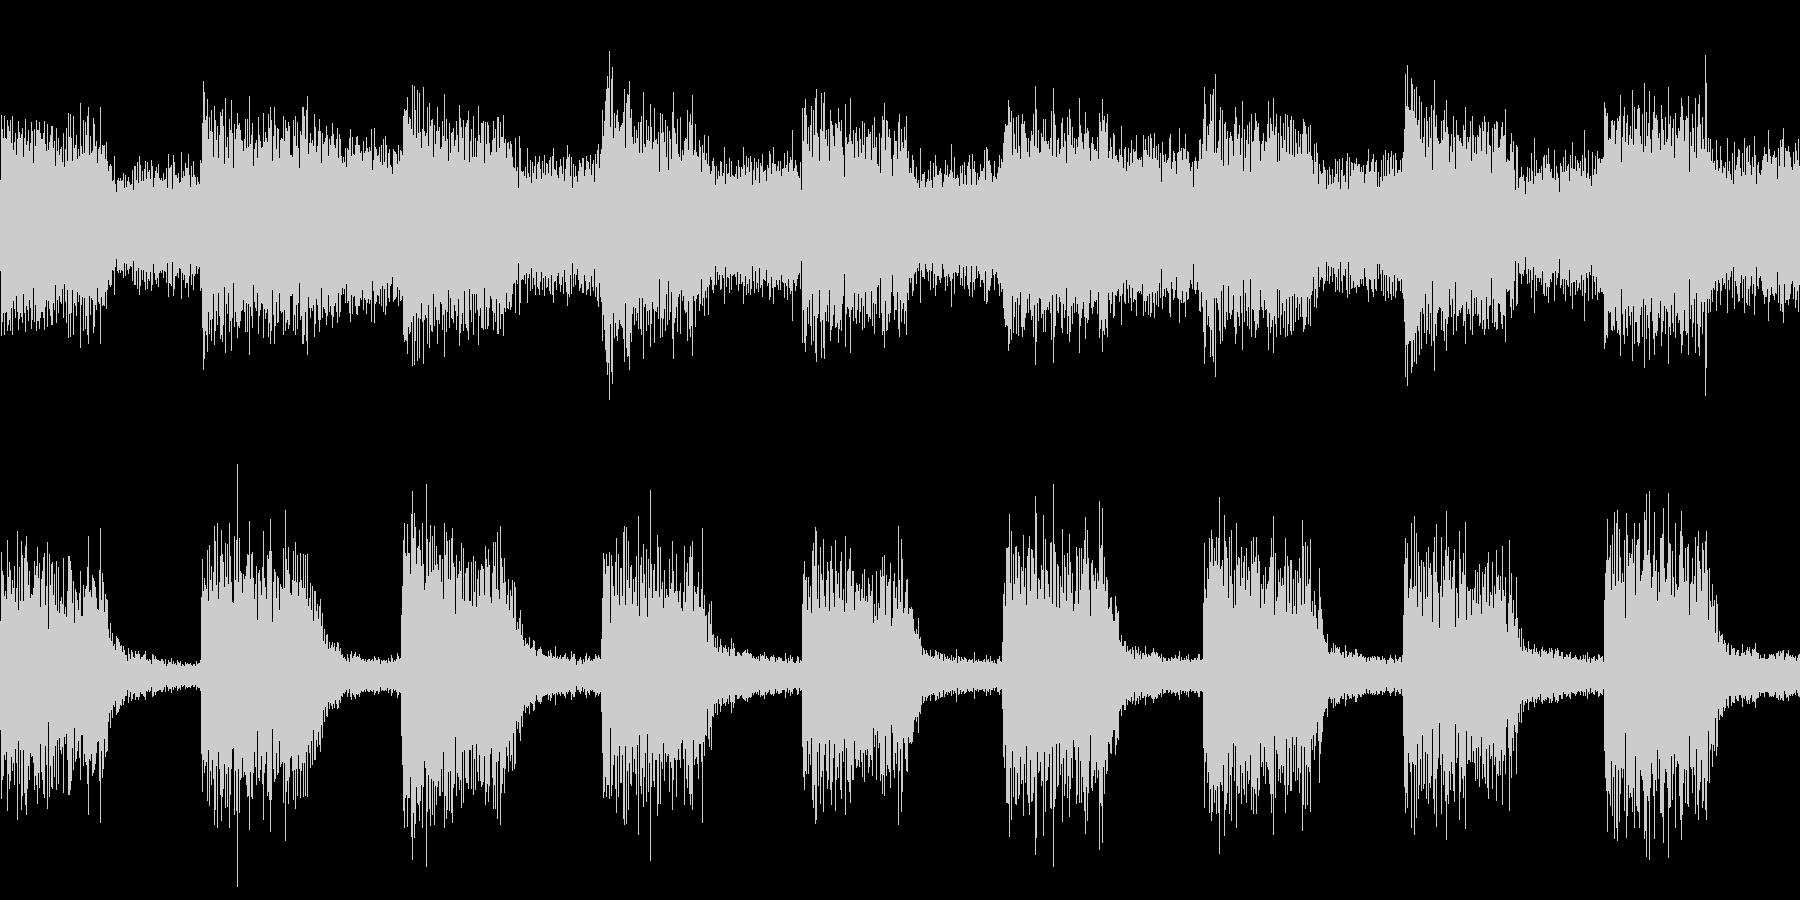 警告音・アラーム・機械(ループ)の未再生の波形